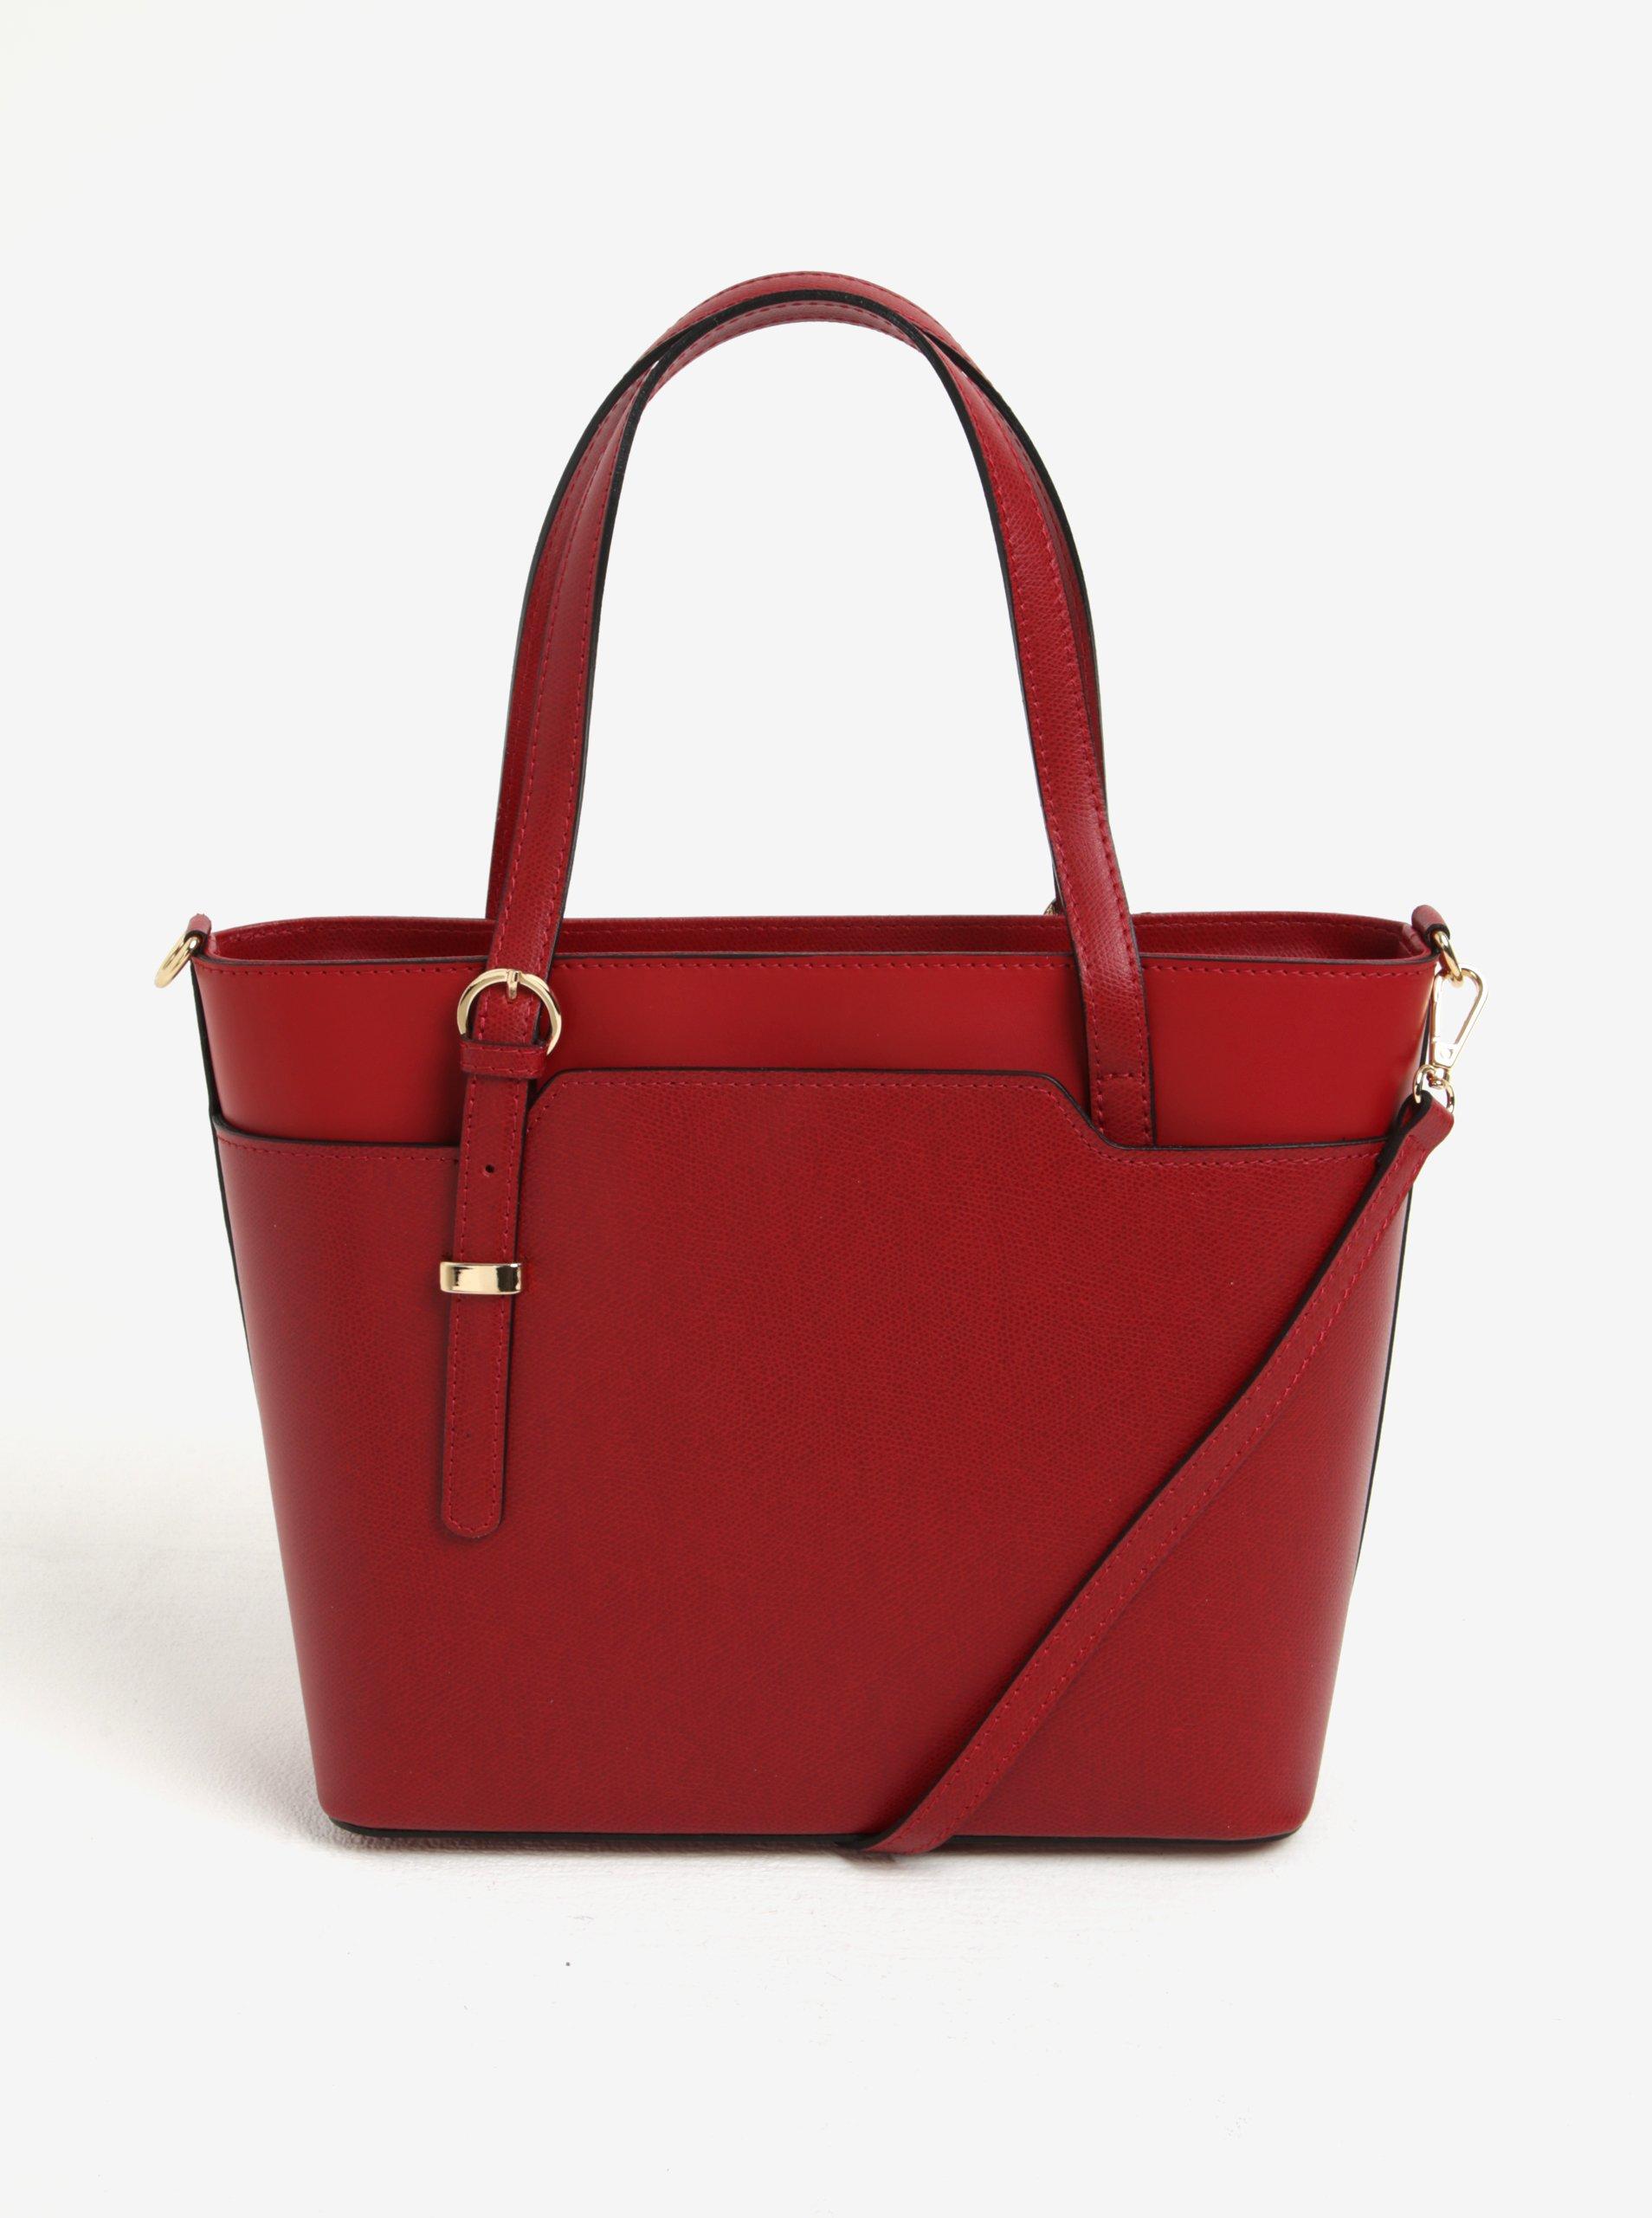 e499464b51 Červená dámska kožená kabelka do ruky crossbody kabelka s hadím vzorom KARA